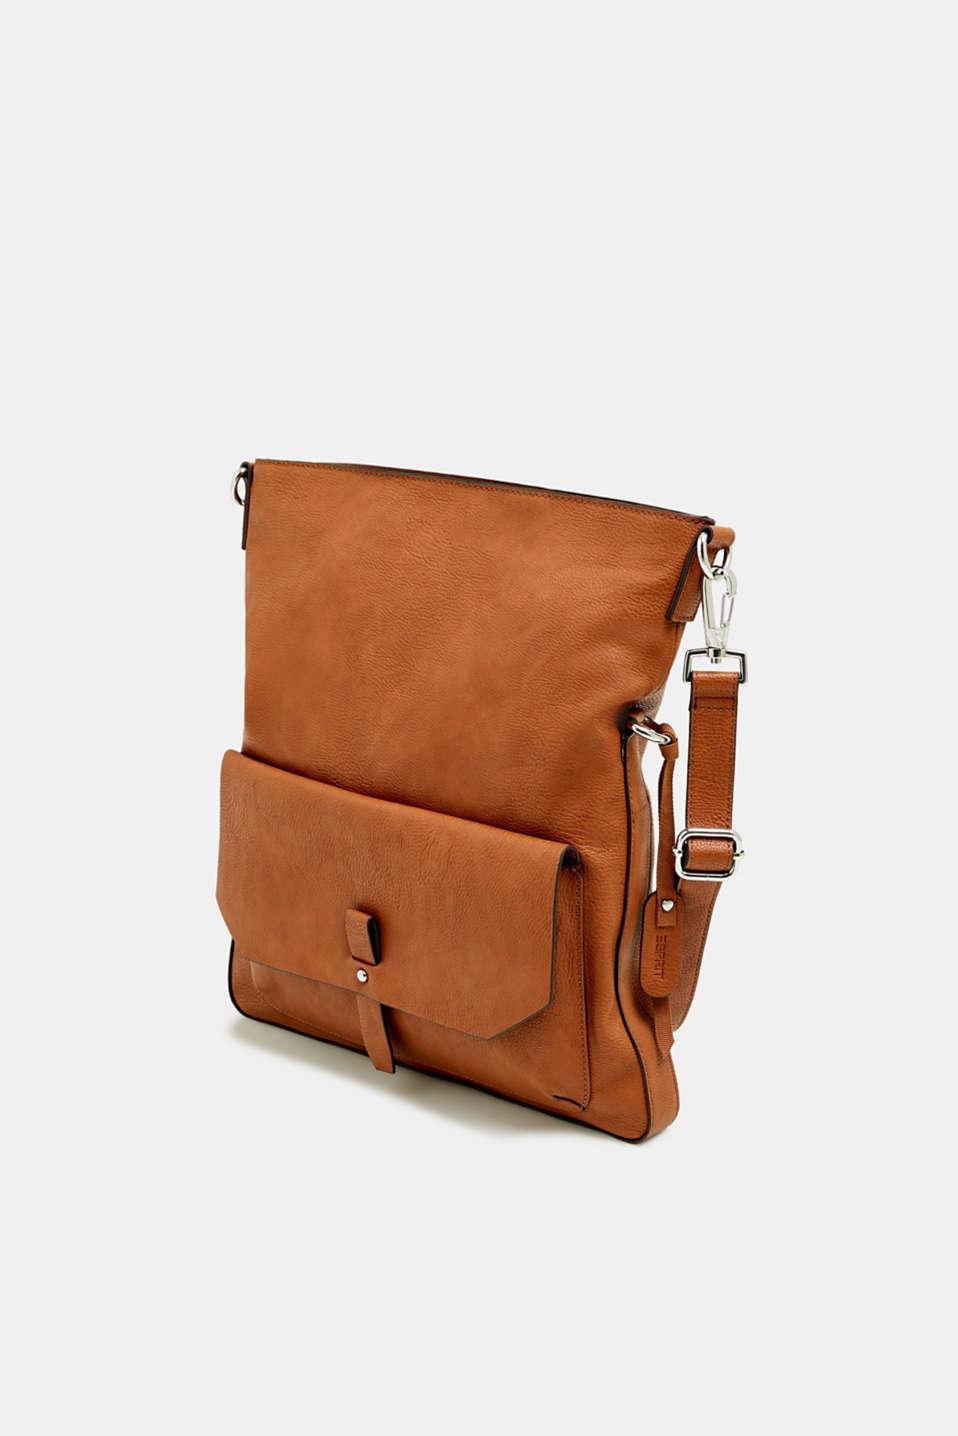 Adjustable faux leather shoulder bag, RUST BROWN, detail image number 2